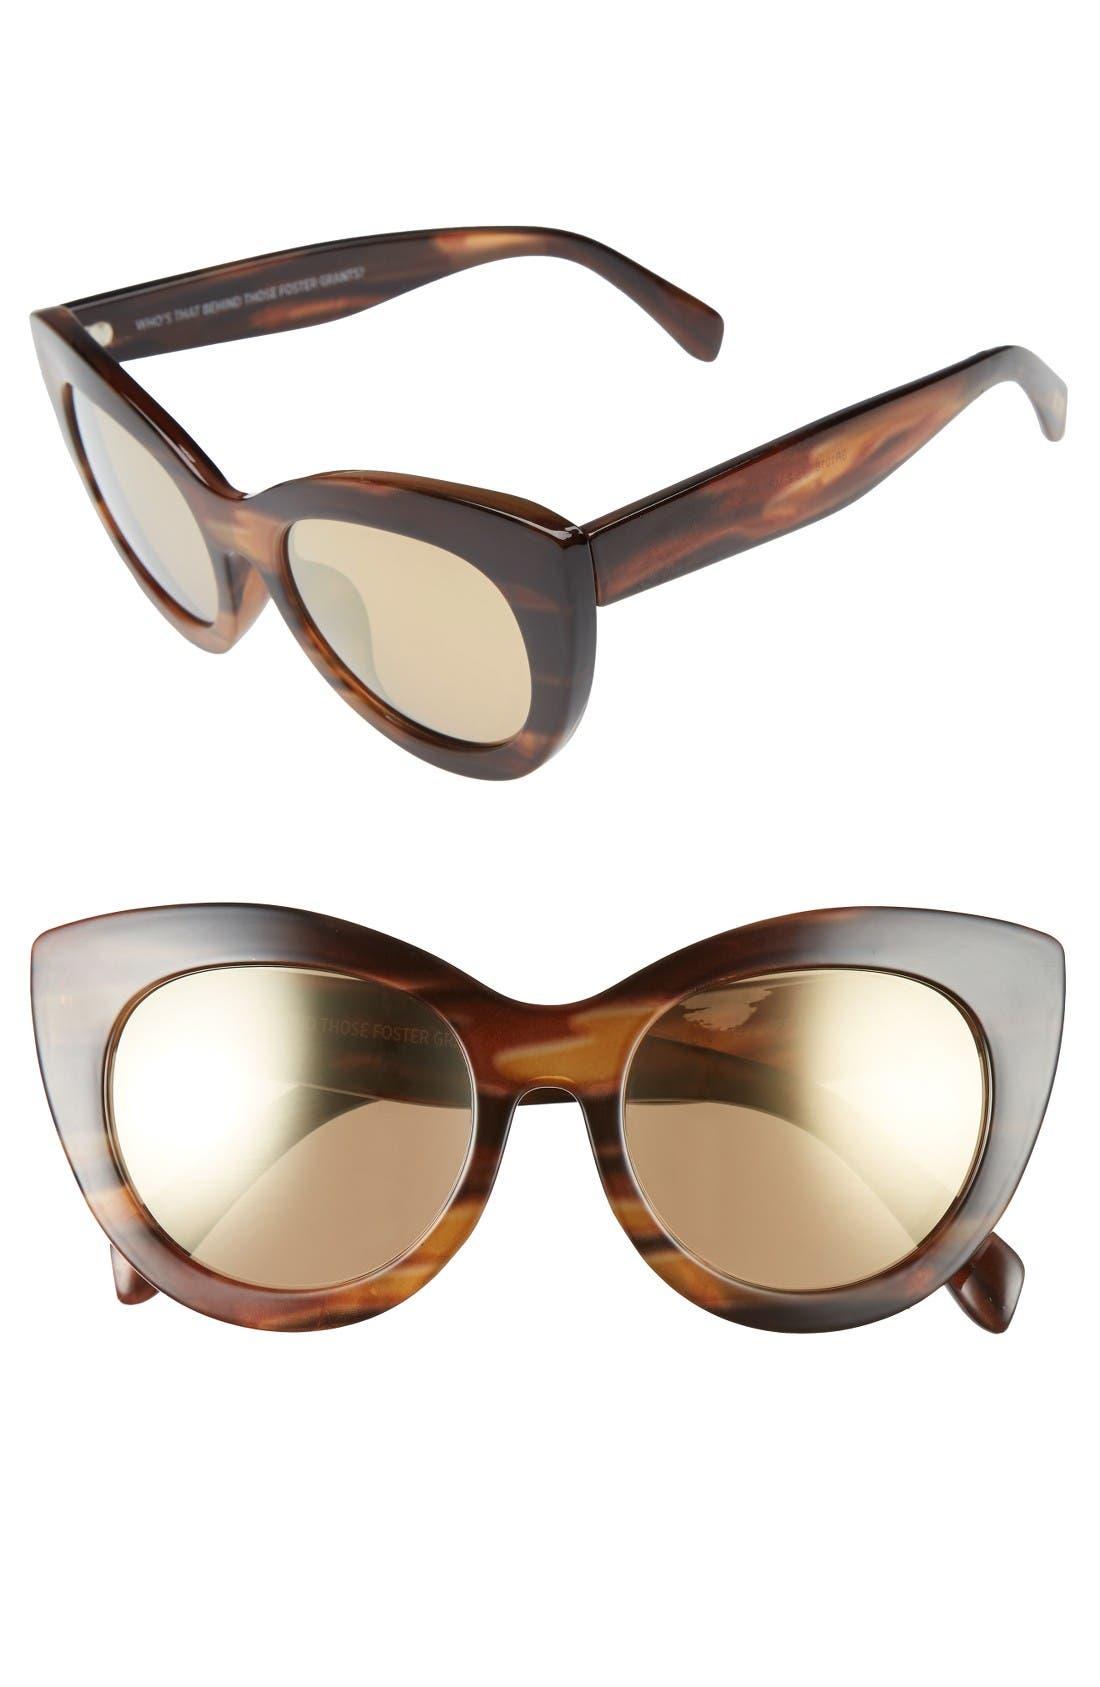 ITEM 8 TS.2 50mm Cat Eye Sunglasses